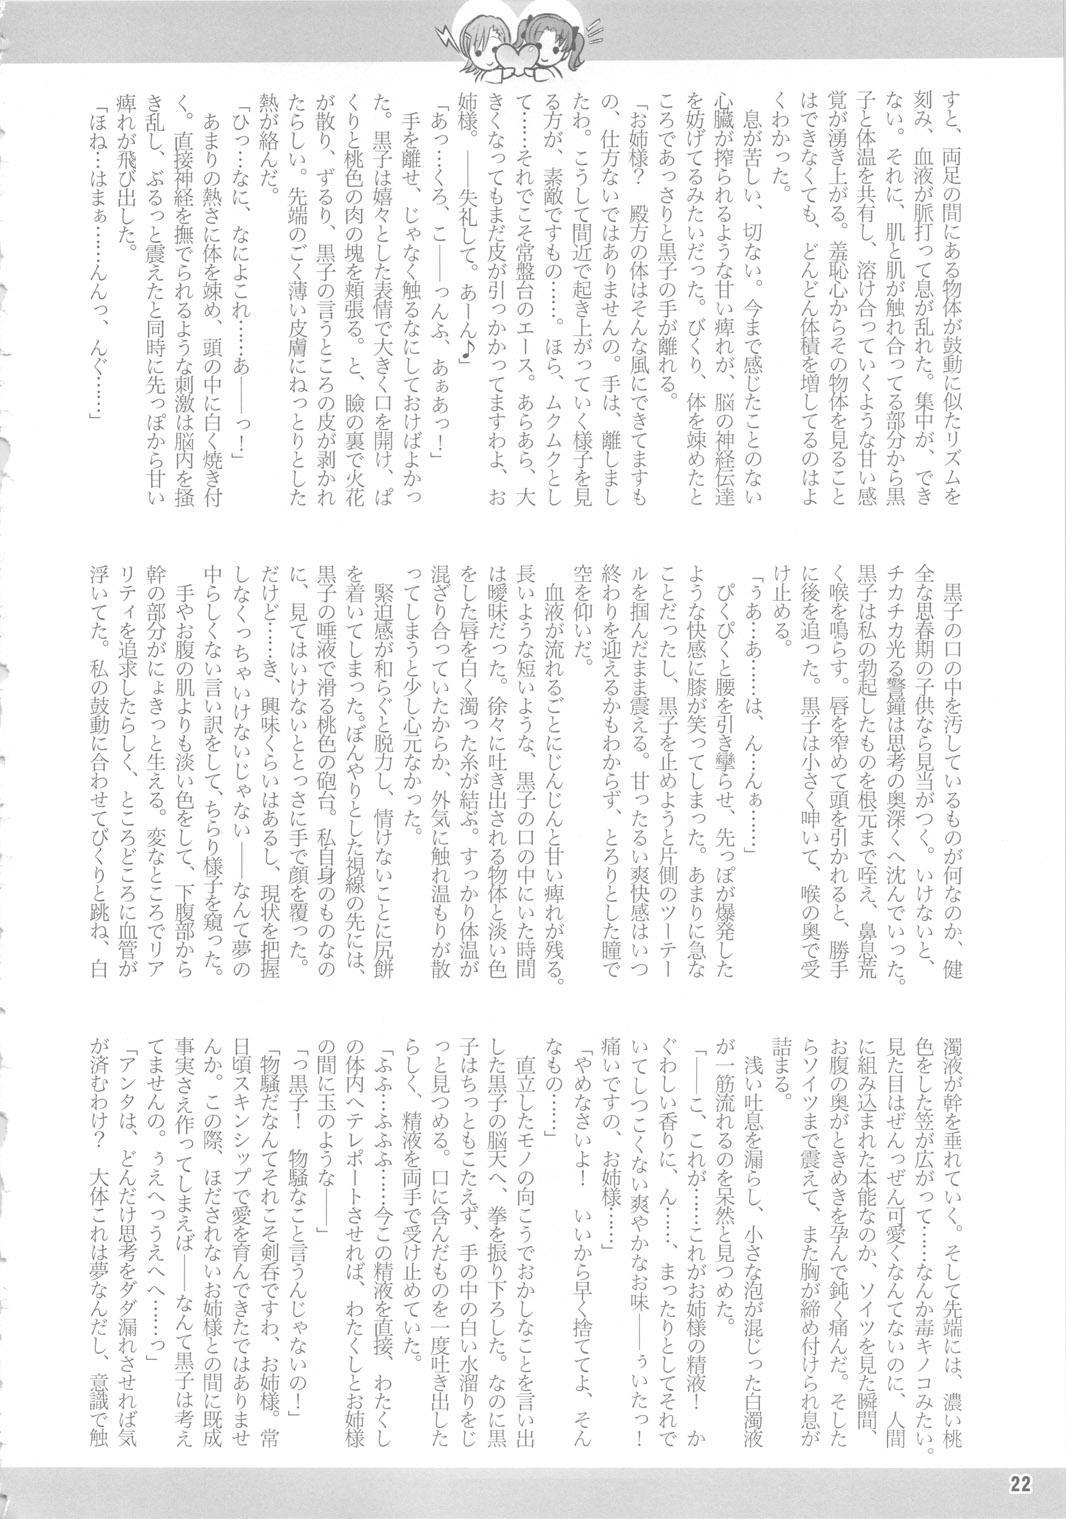 (C78) [Arsenothelus (Rebis)] Toaru Kuroko no Mikoto Kanzen Kouryaku (Toaru Kagaku no Railgun) [English] <desudesu> 20